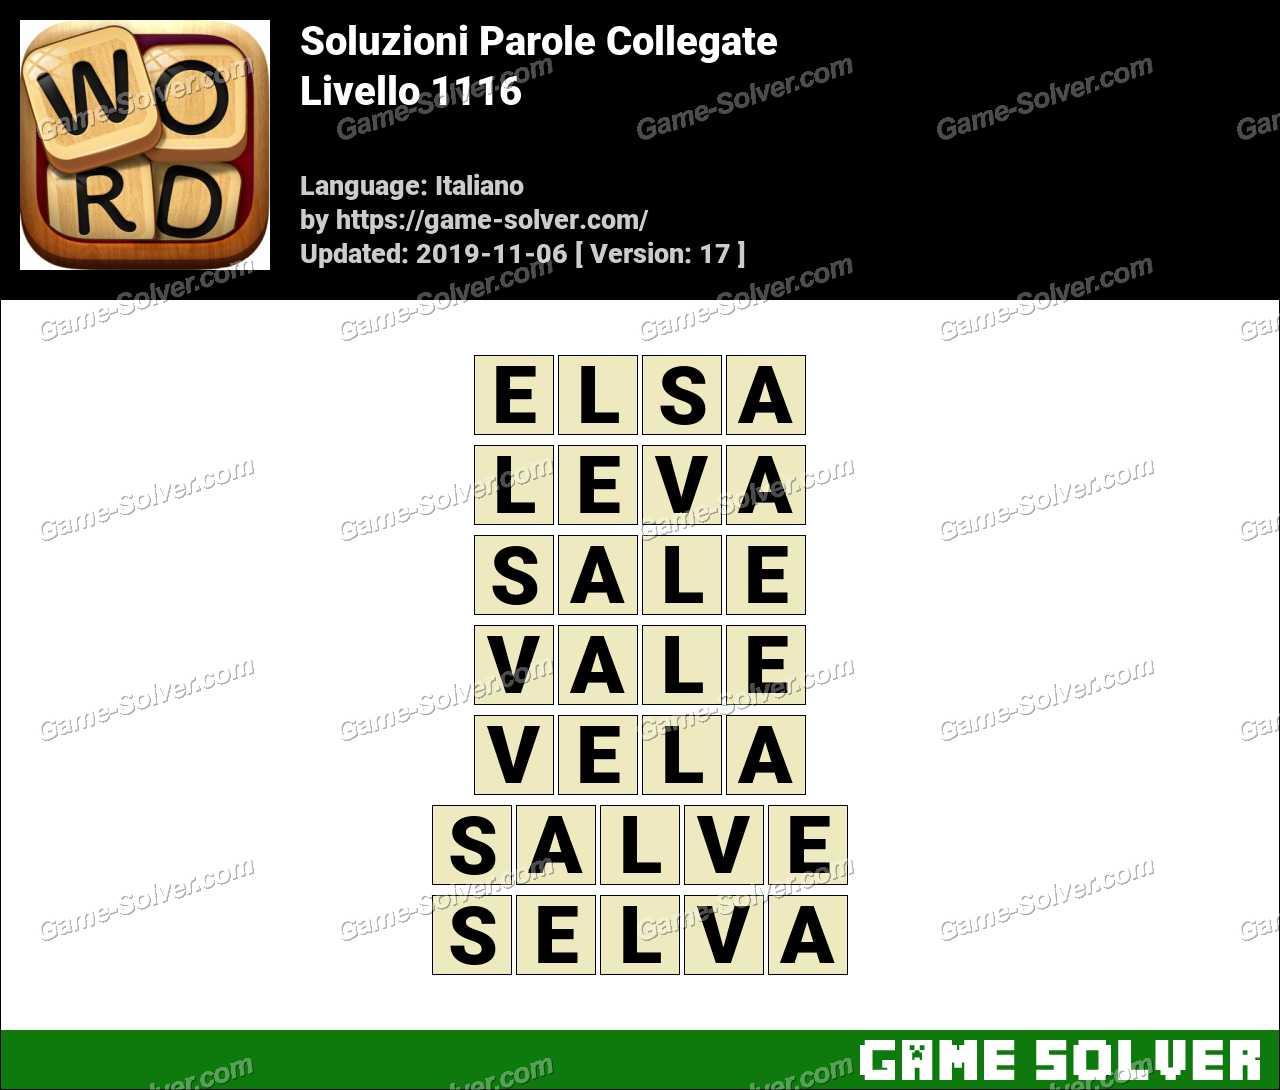 Soluzioni Parole Collegate Livello 1116